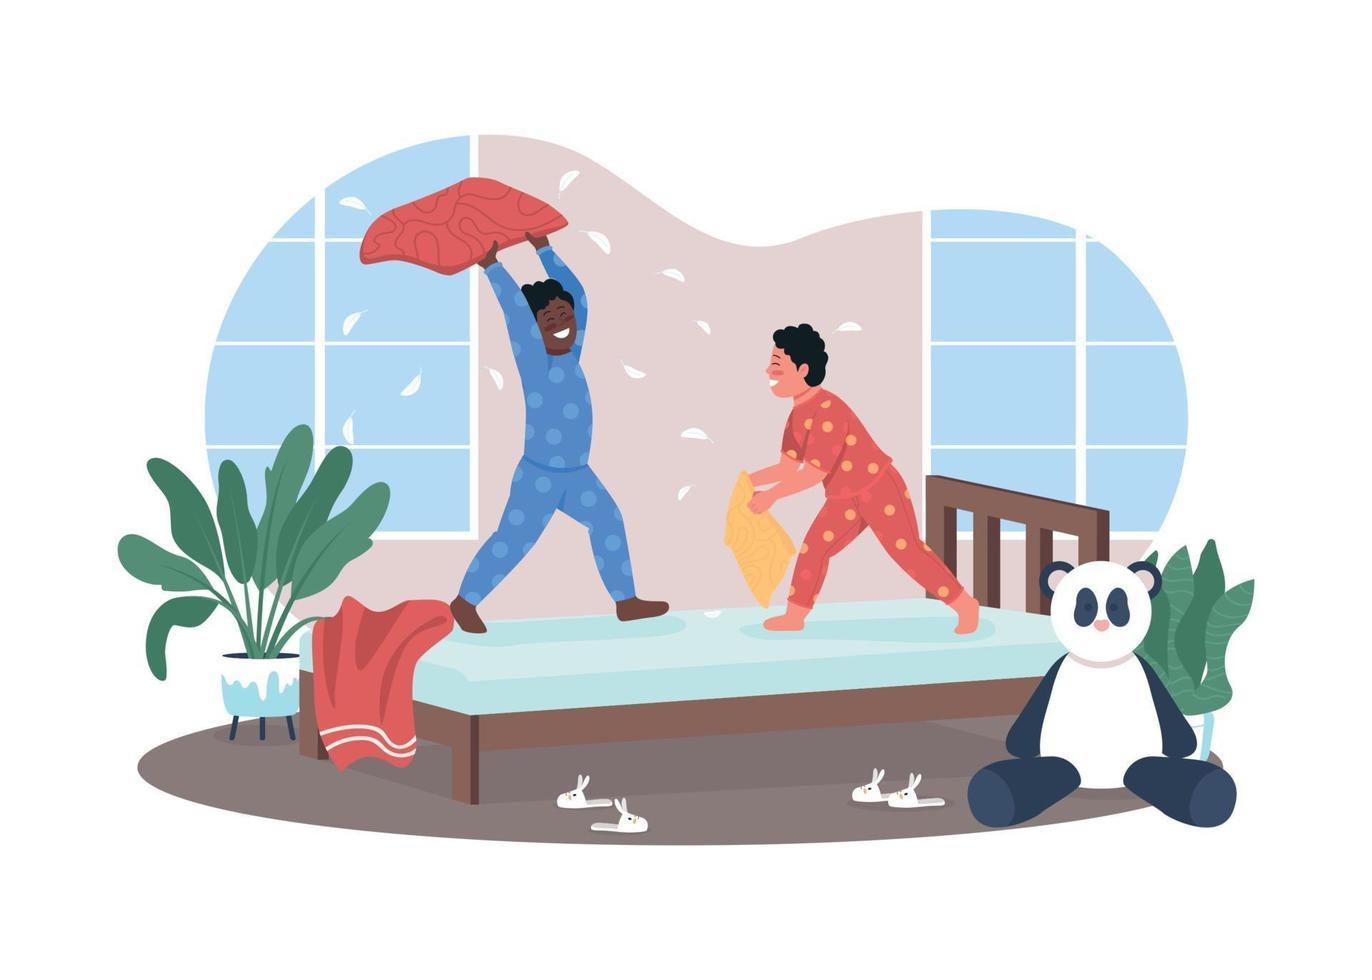 pelea de almohadas en kindergarten 2d vector web banner, poster